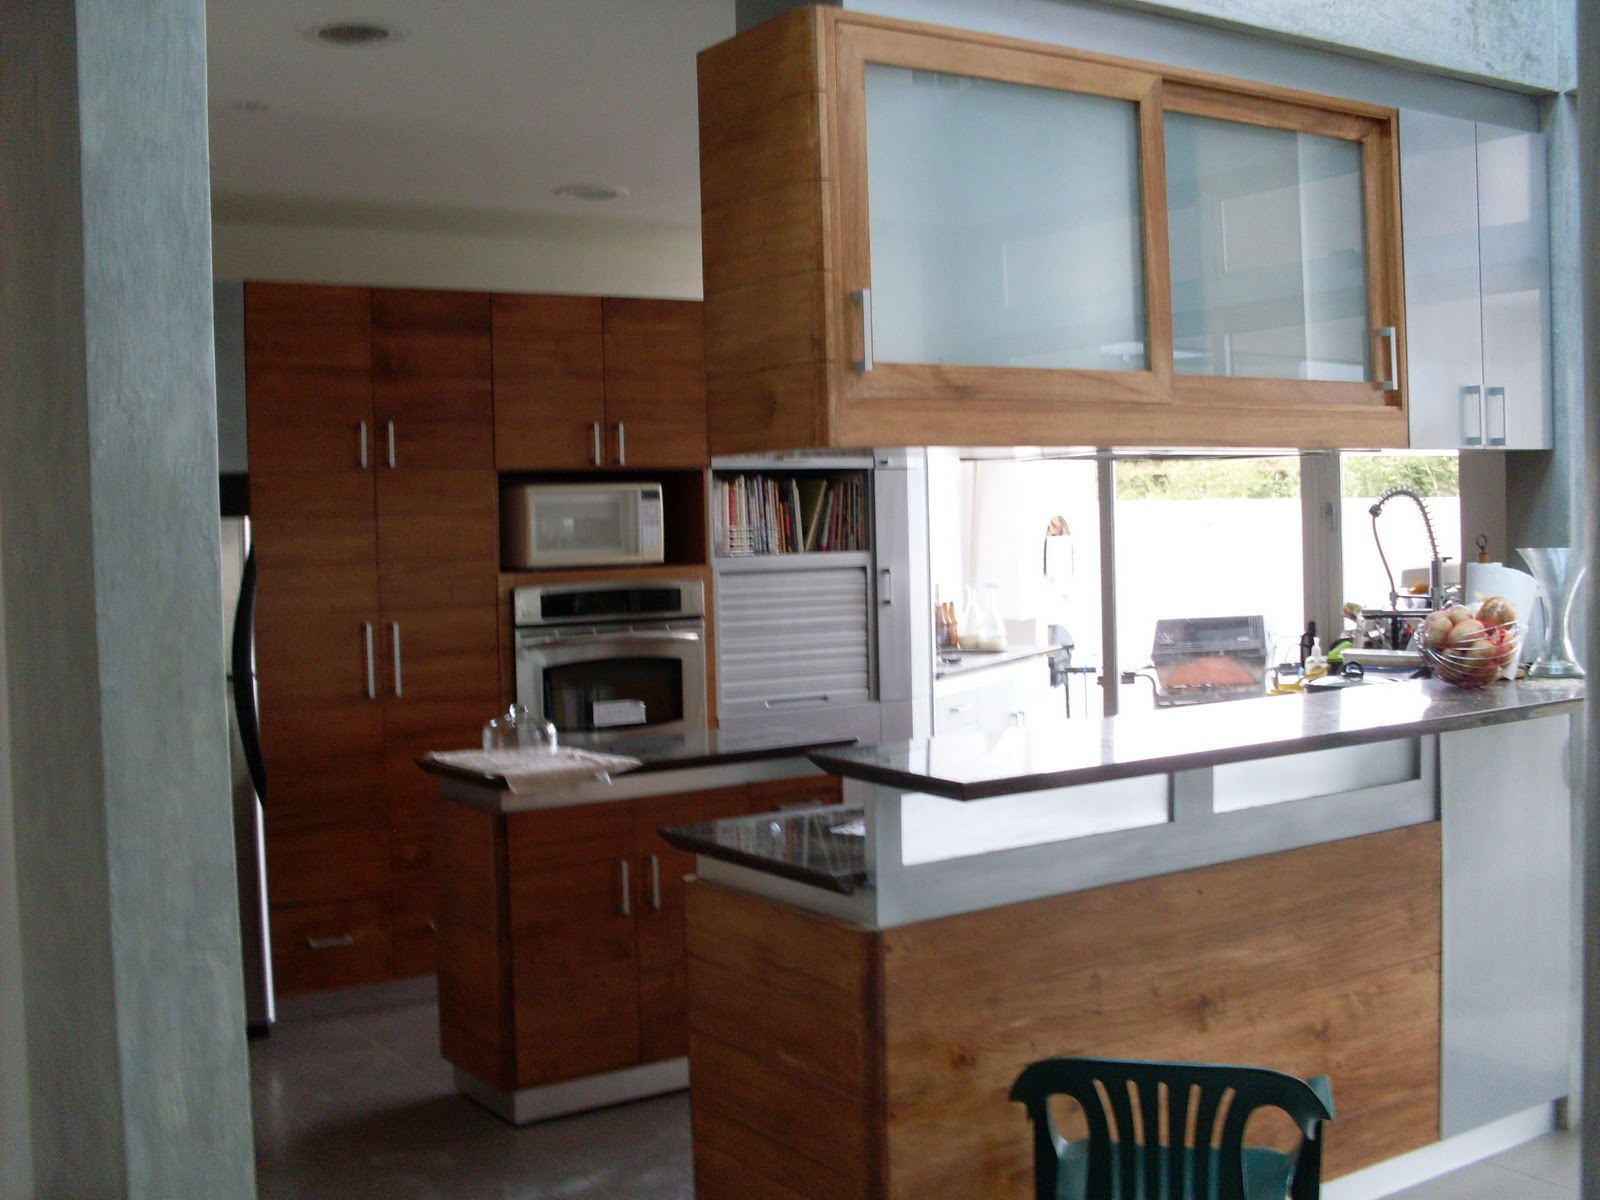 Muebles De Cocina Metalicos  Fabulous With Imagenes